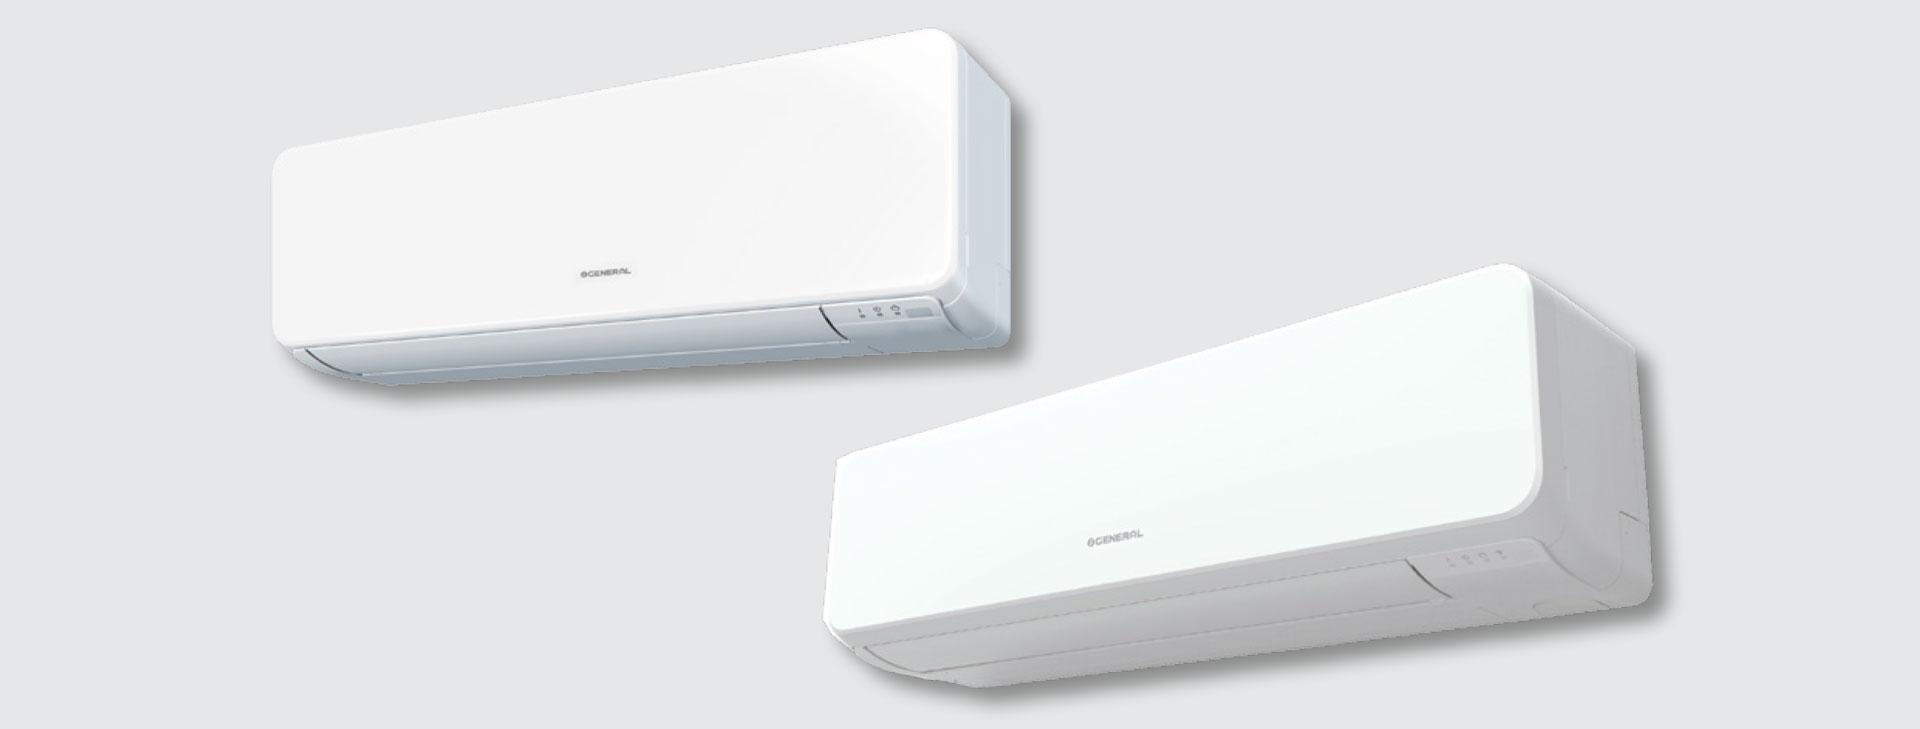 Инверторен климатик General Fujitsu-ASHG-12KMCC, от 1469 лв. на 1379 лв. без монтаж